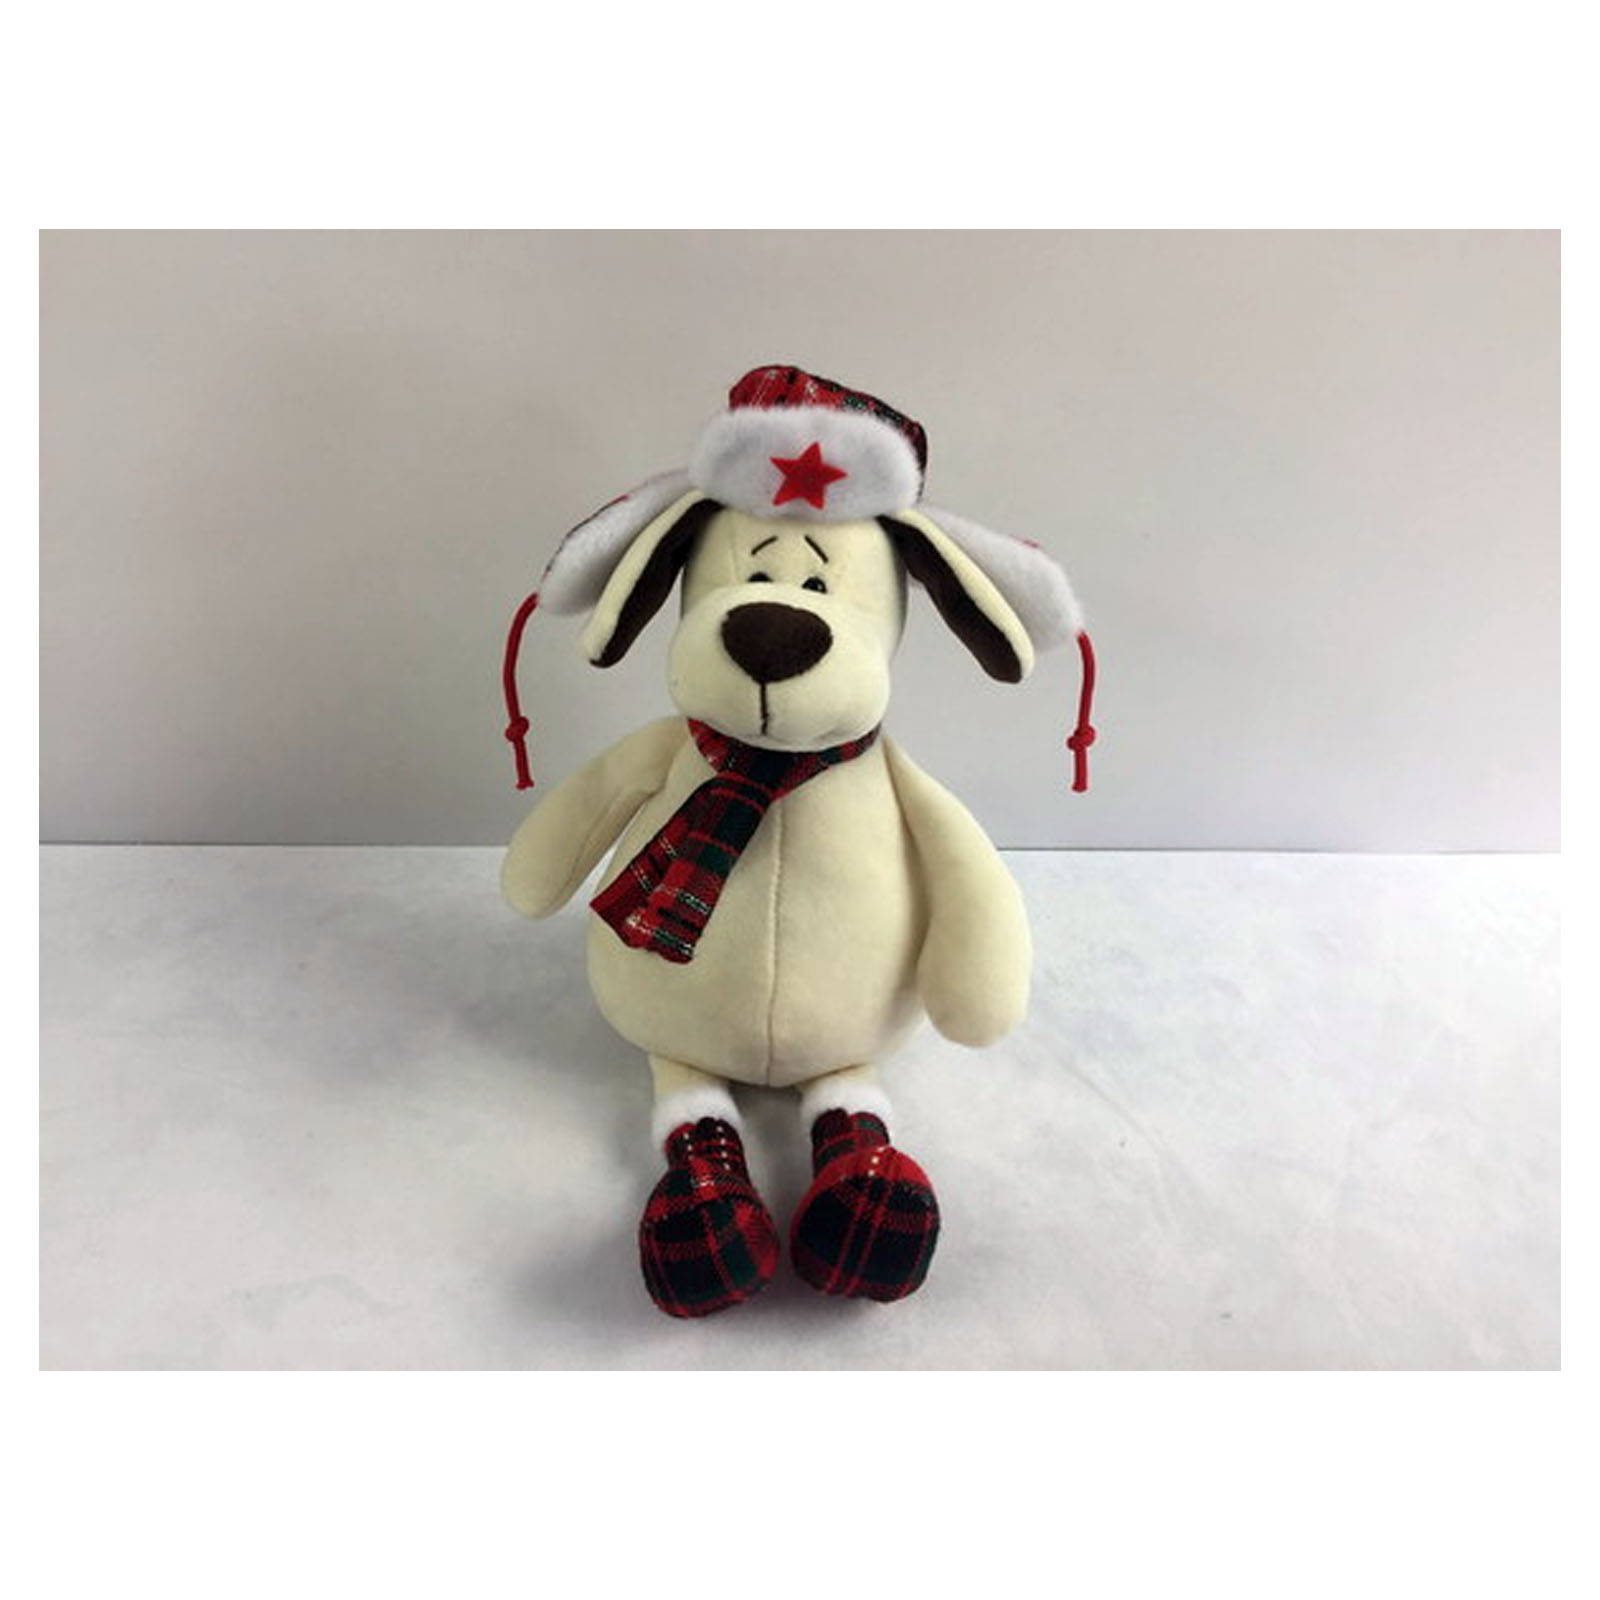 Мягкая игрушка - Собака в ушанке с шарфом, 24 см.Собаки<br>Мягкая игрушка - Собака в ушанке с шарфом, 24 см.<br>